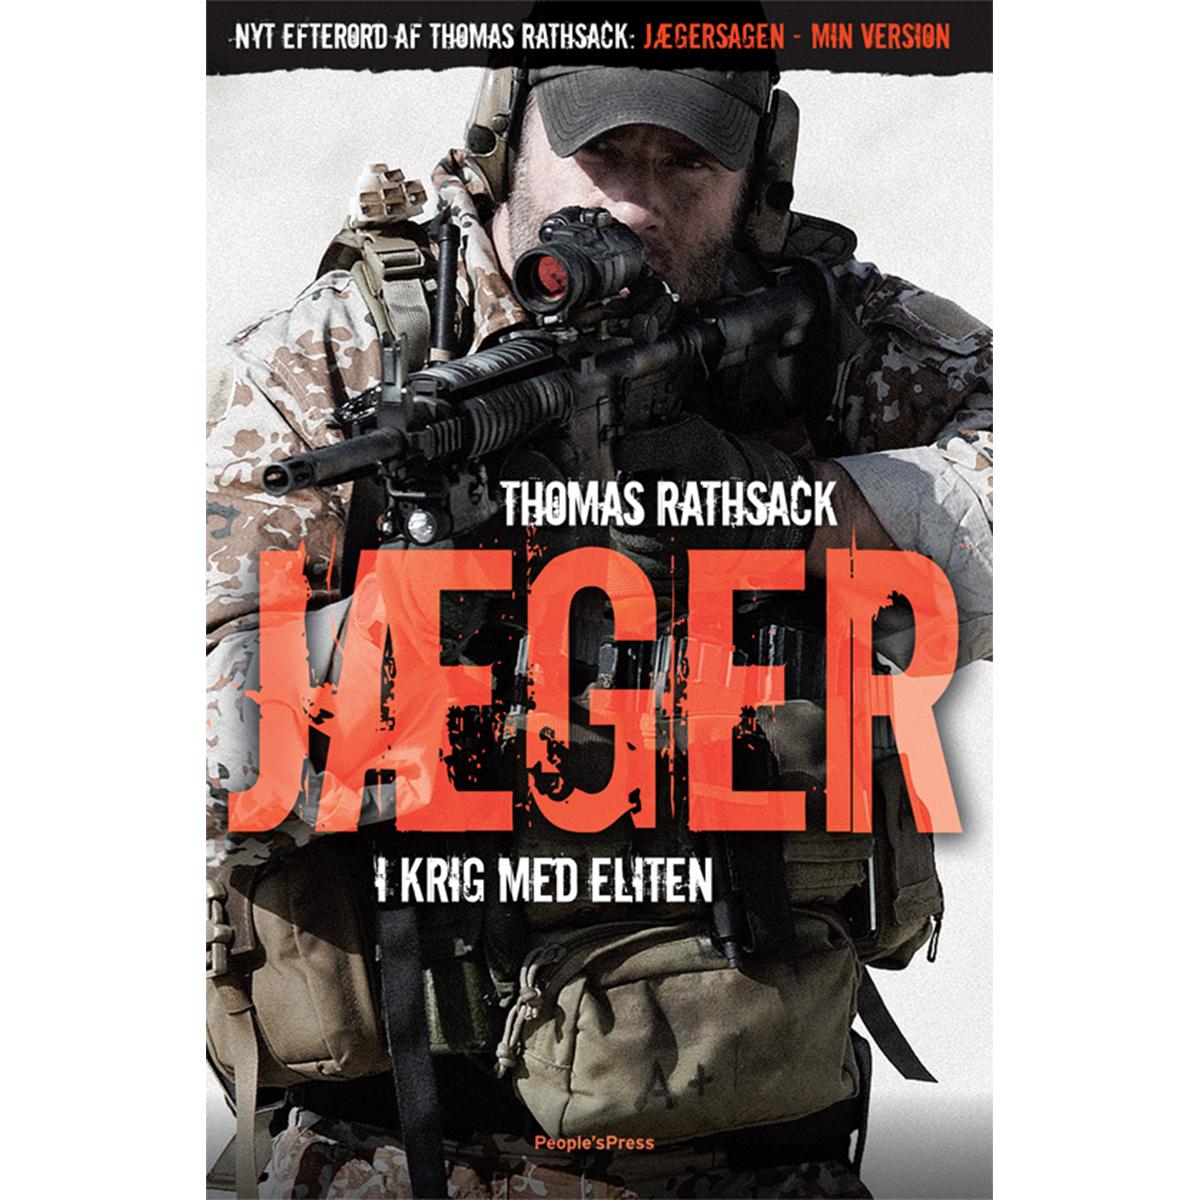 Jæger - i krig med eliten - Paperback